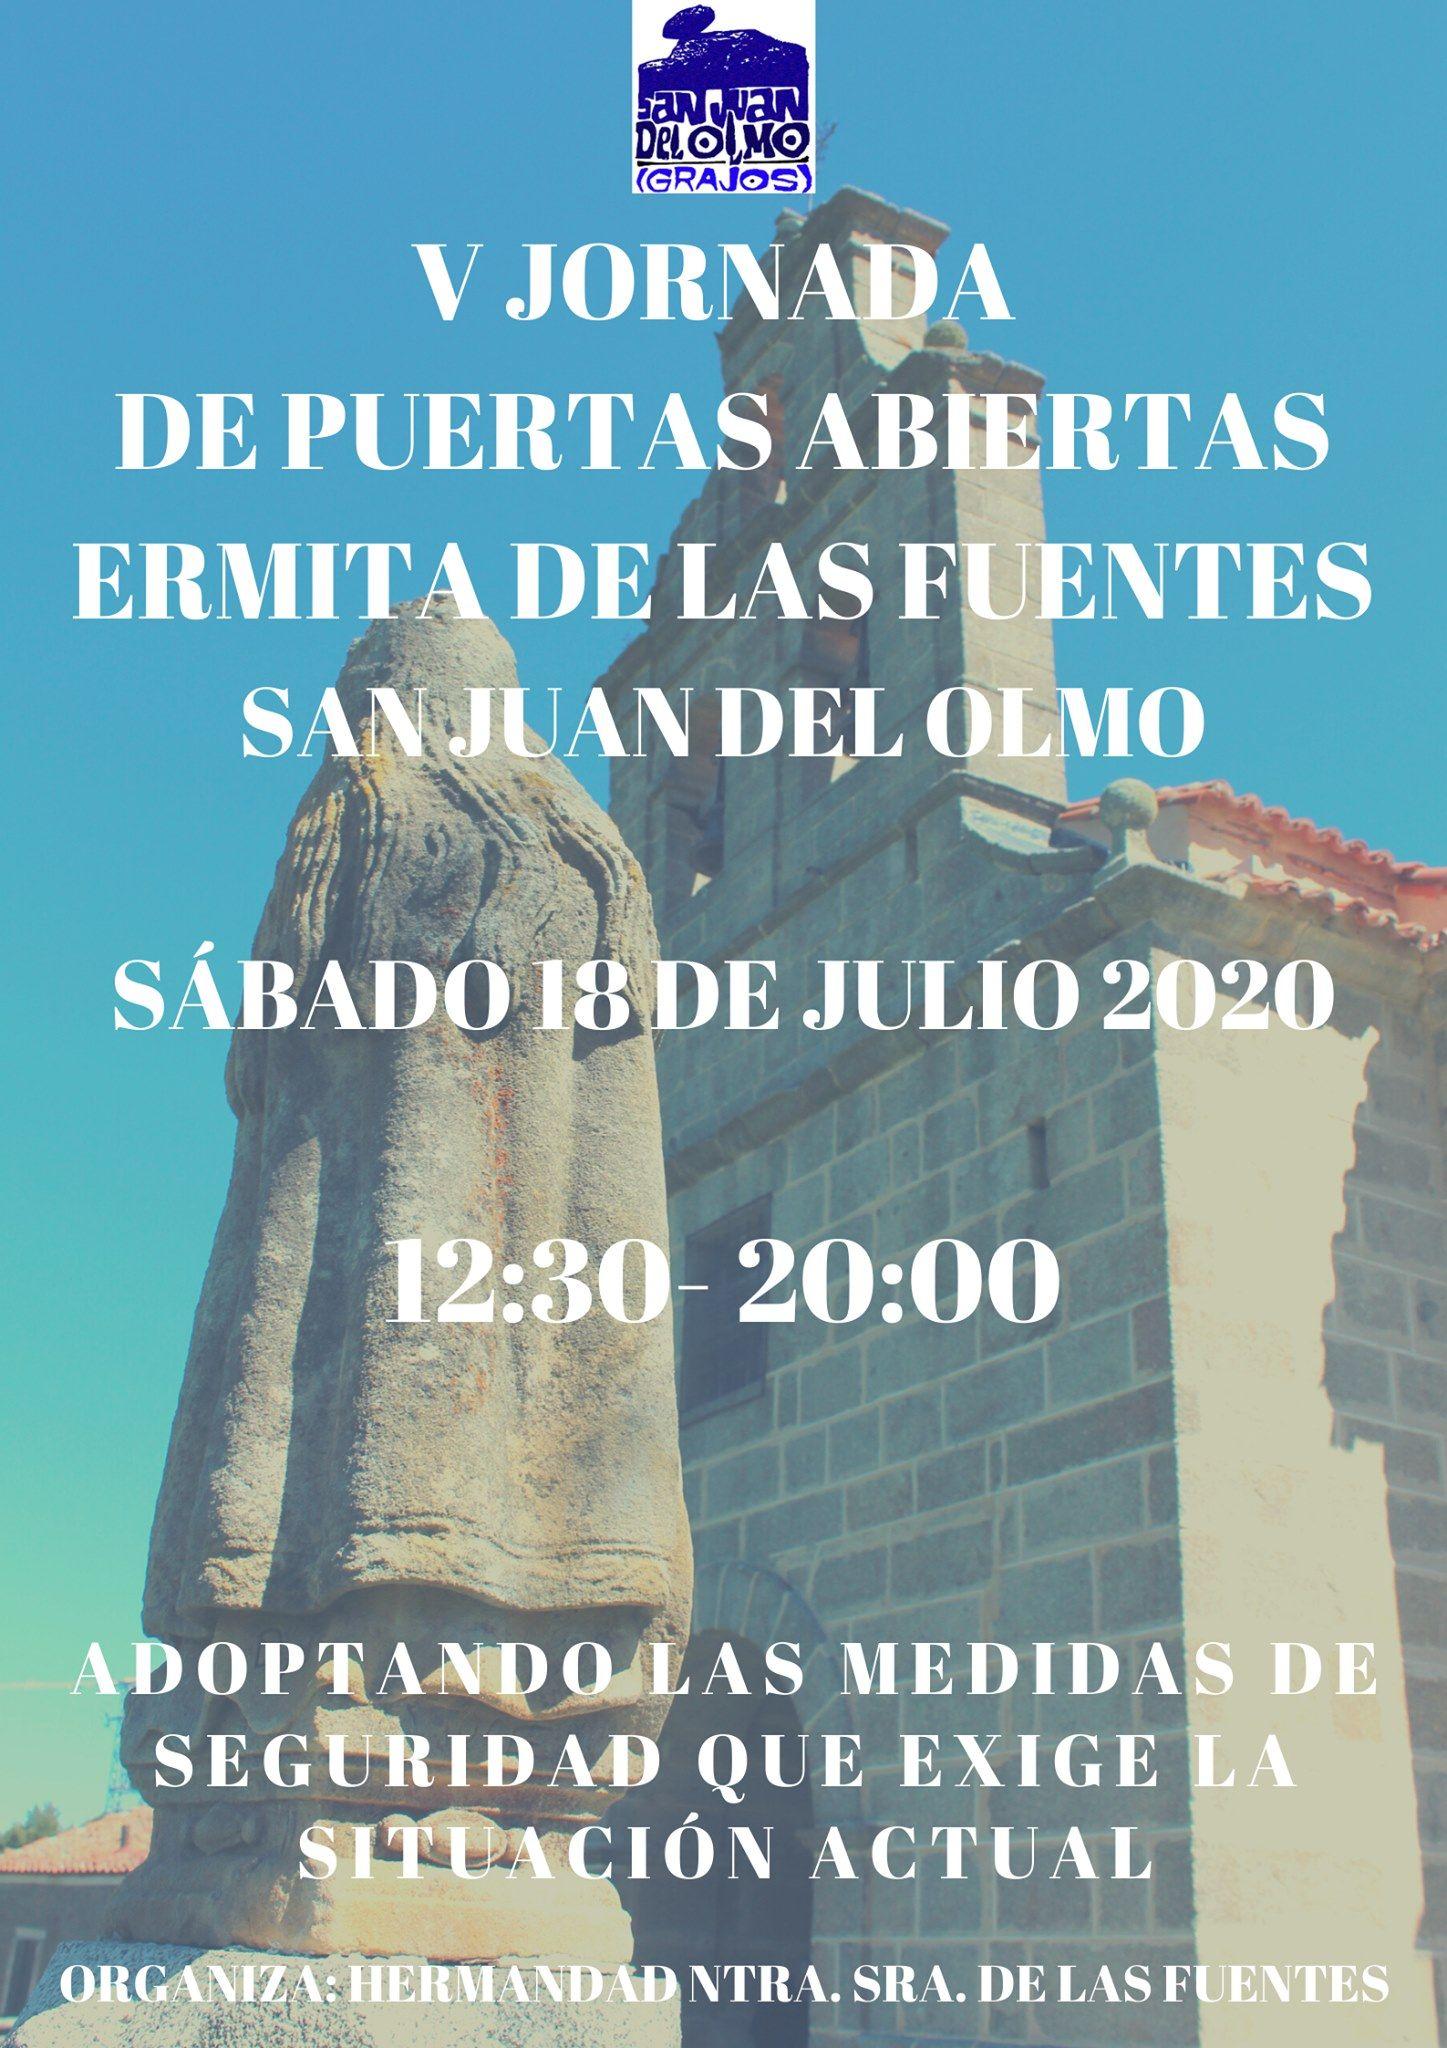 V Jornada Puertas Abiertas Ermita de las Fuentes